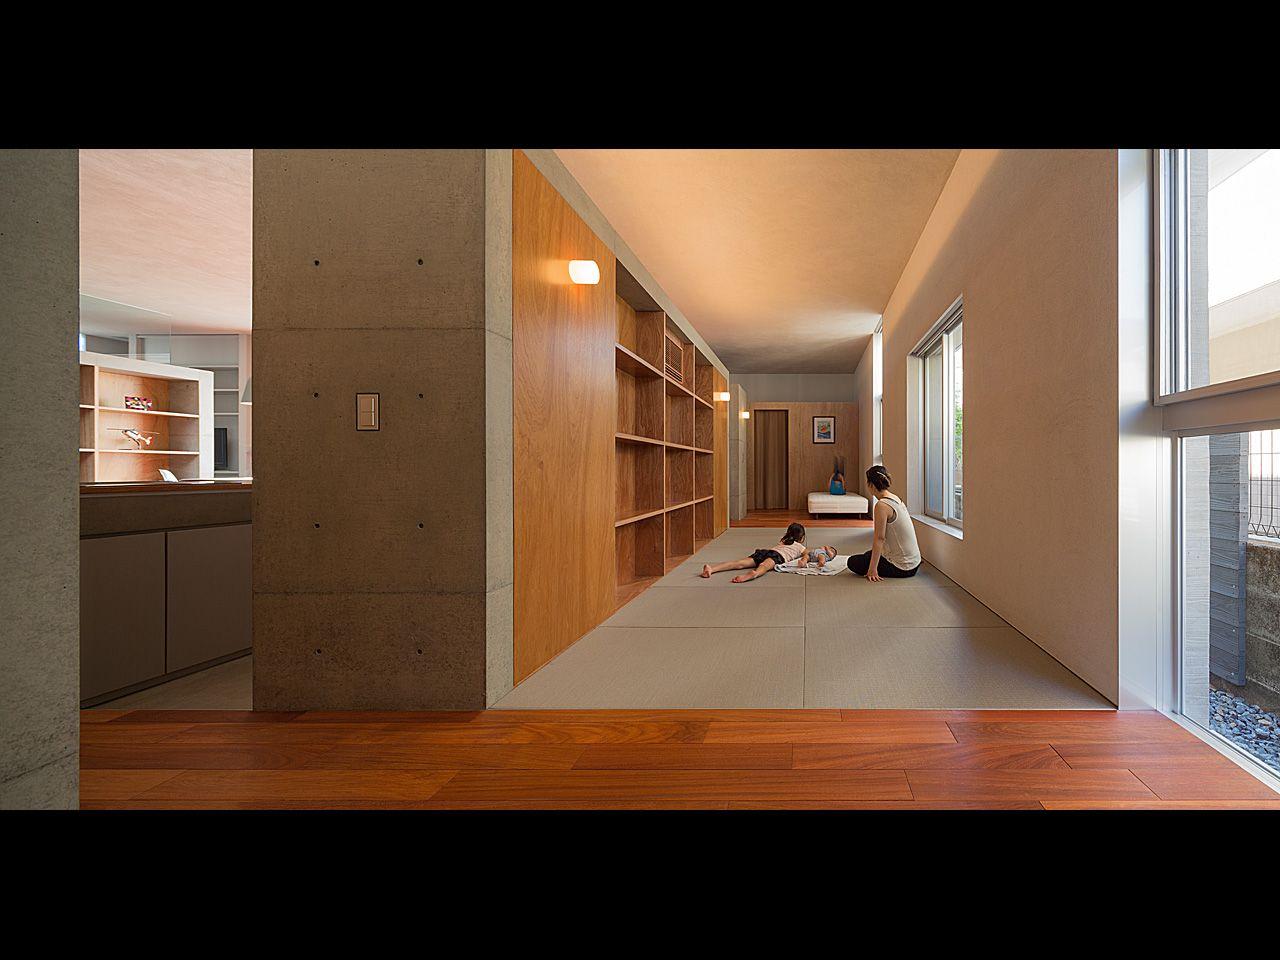 奄美大島の住宅 | 松山建築設計室 | 医院・クリニック・病院の設計、産科 ...